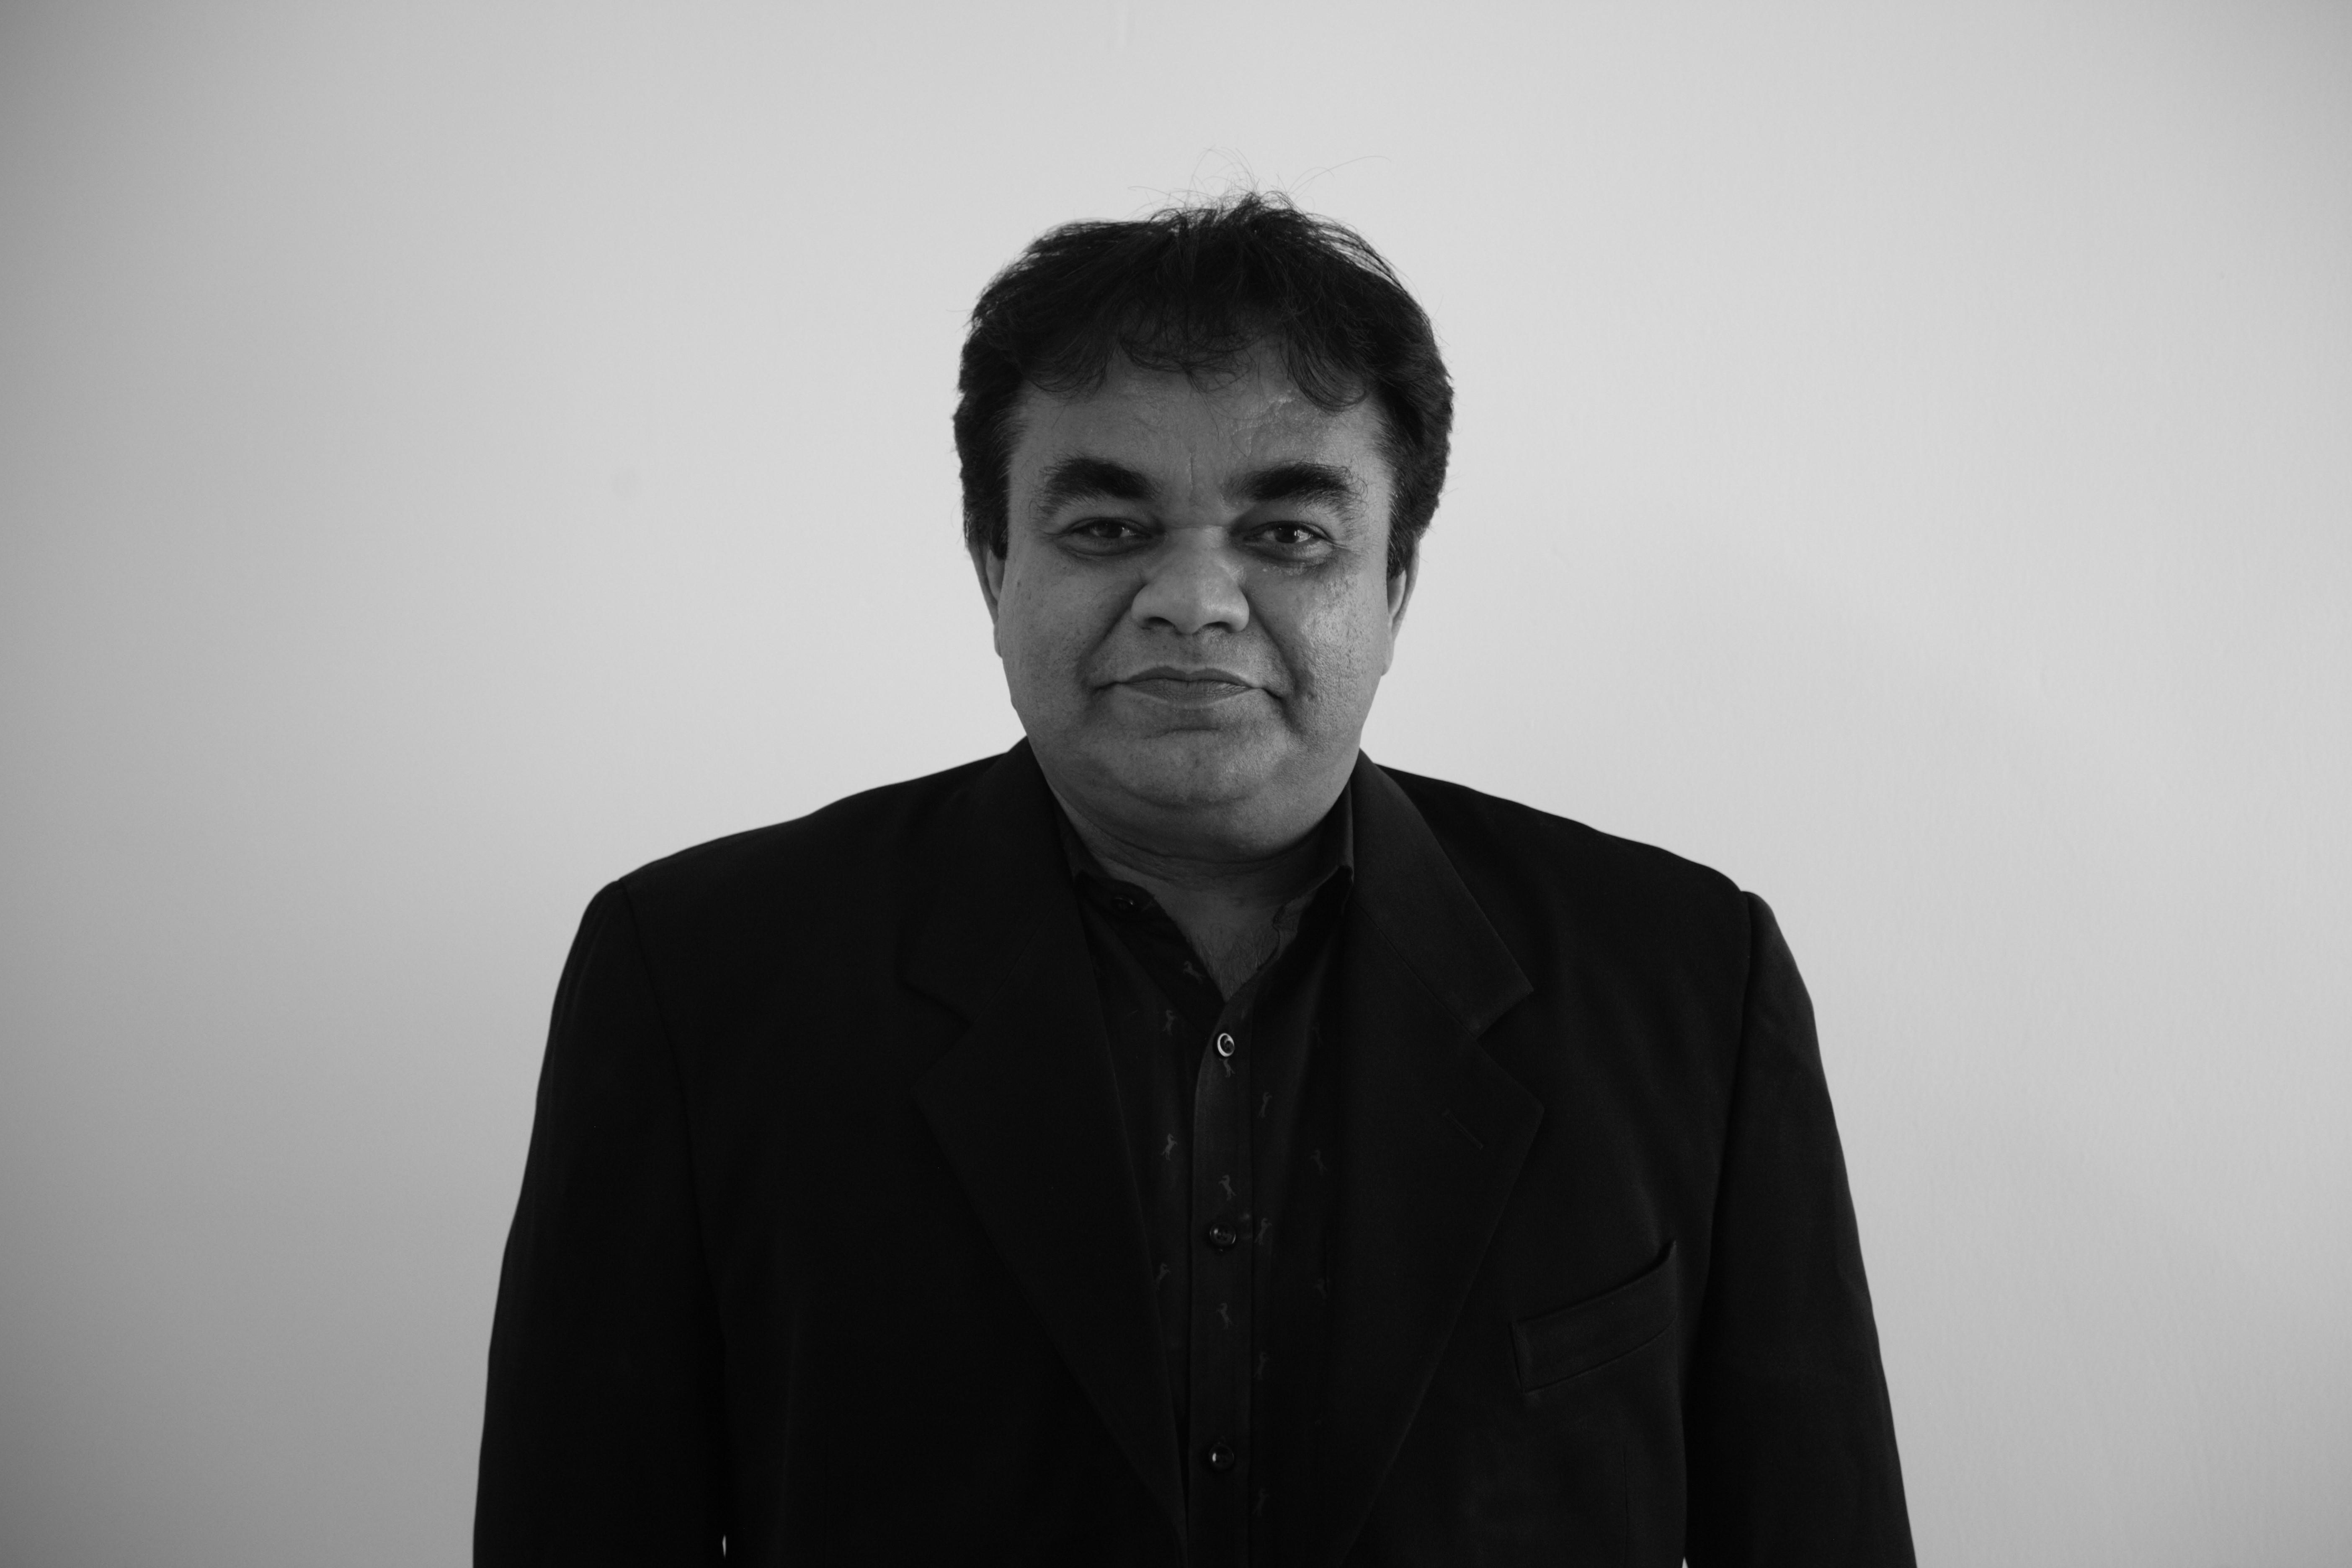 Vikramraj Pravinraj